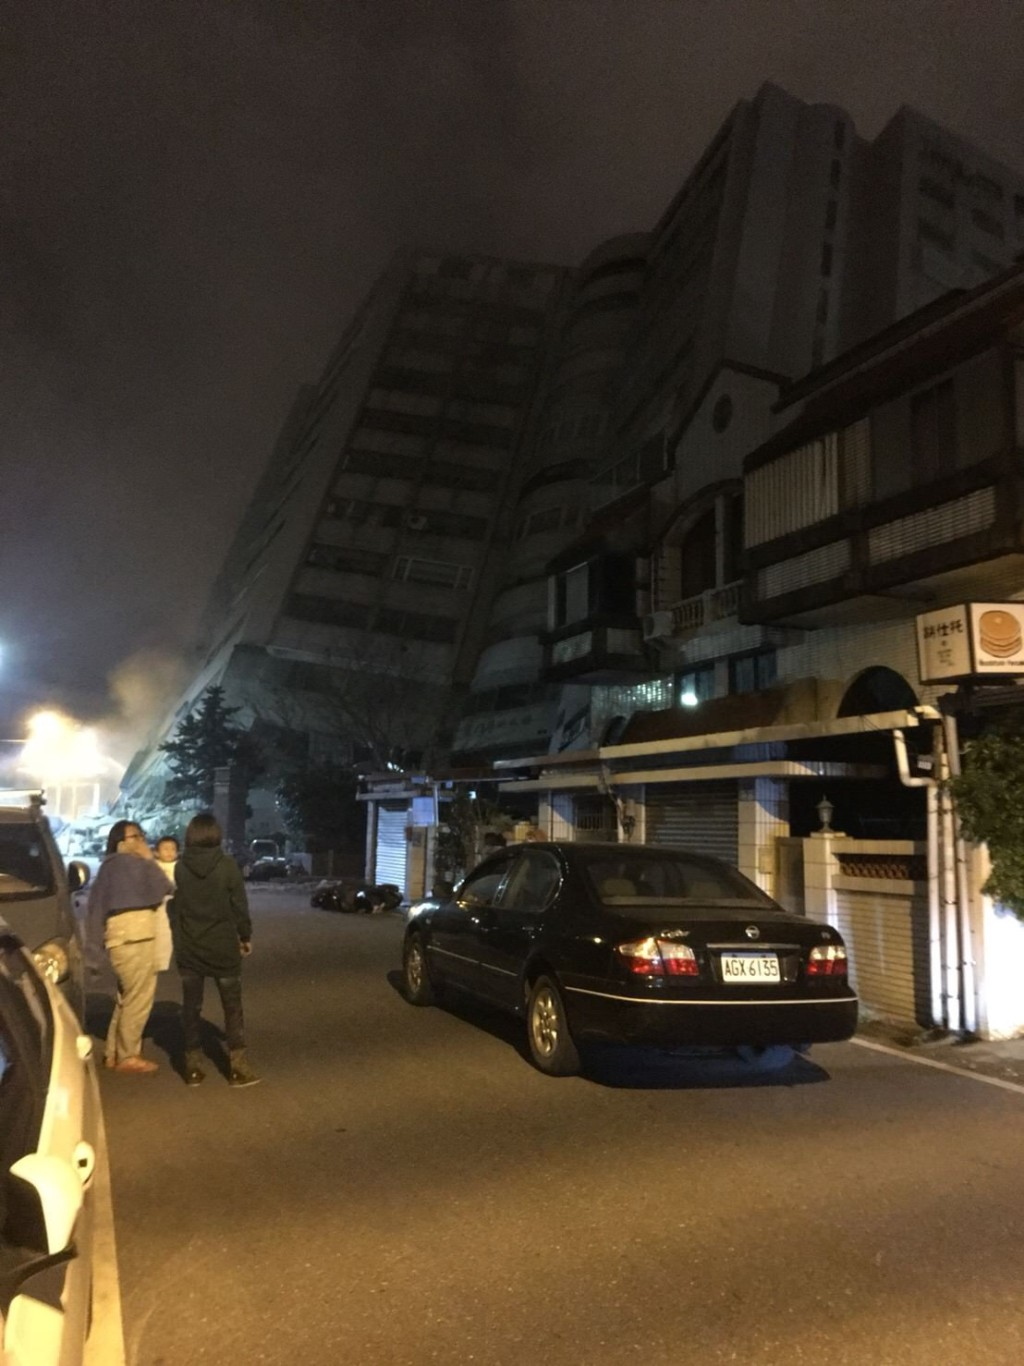 6.0強震死傷頻傳!知名反核人士嗆「地震是老天懲罰台灣」,當地人秒斷理智線:我家就住在震央附近...